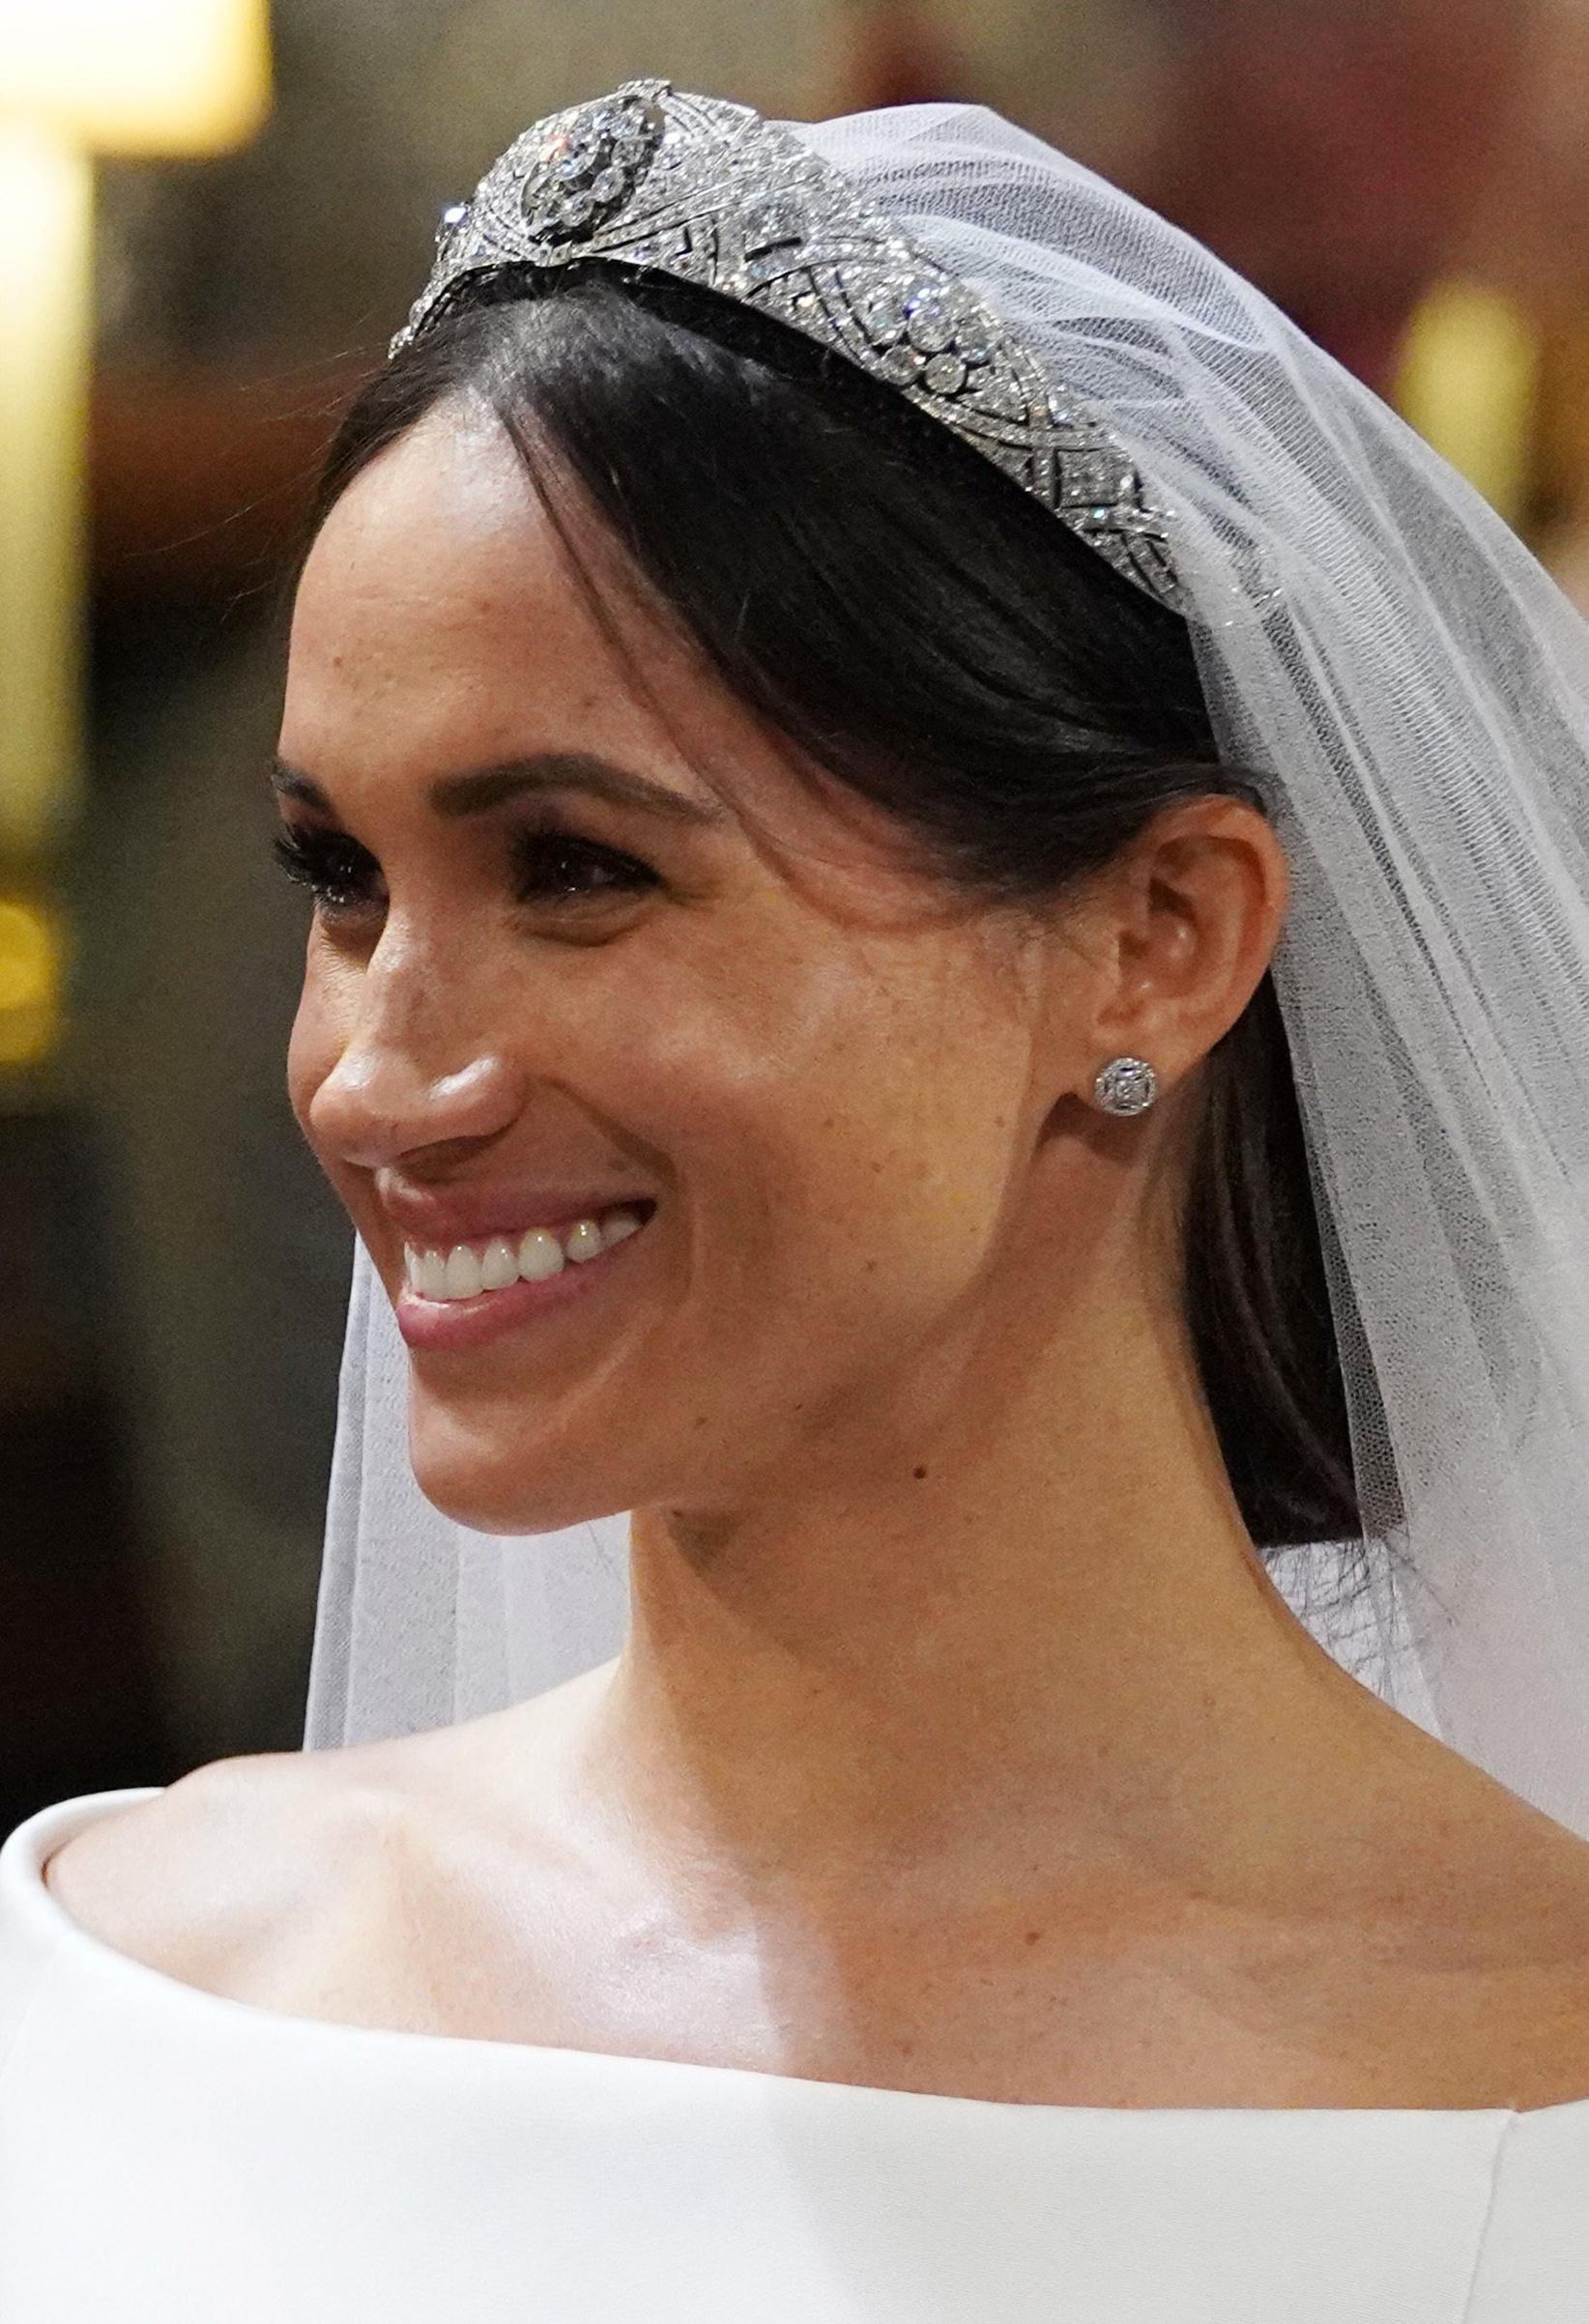 megan markle s givenchy wedding dress tiara all the details time megan markle s givenchy wedding dress tiara all the details time